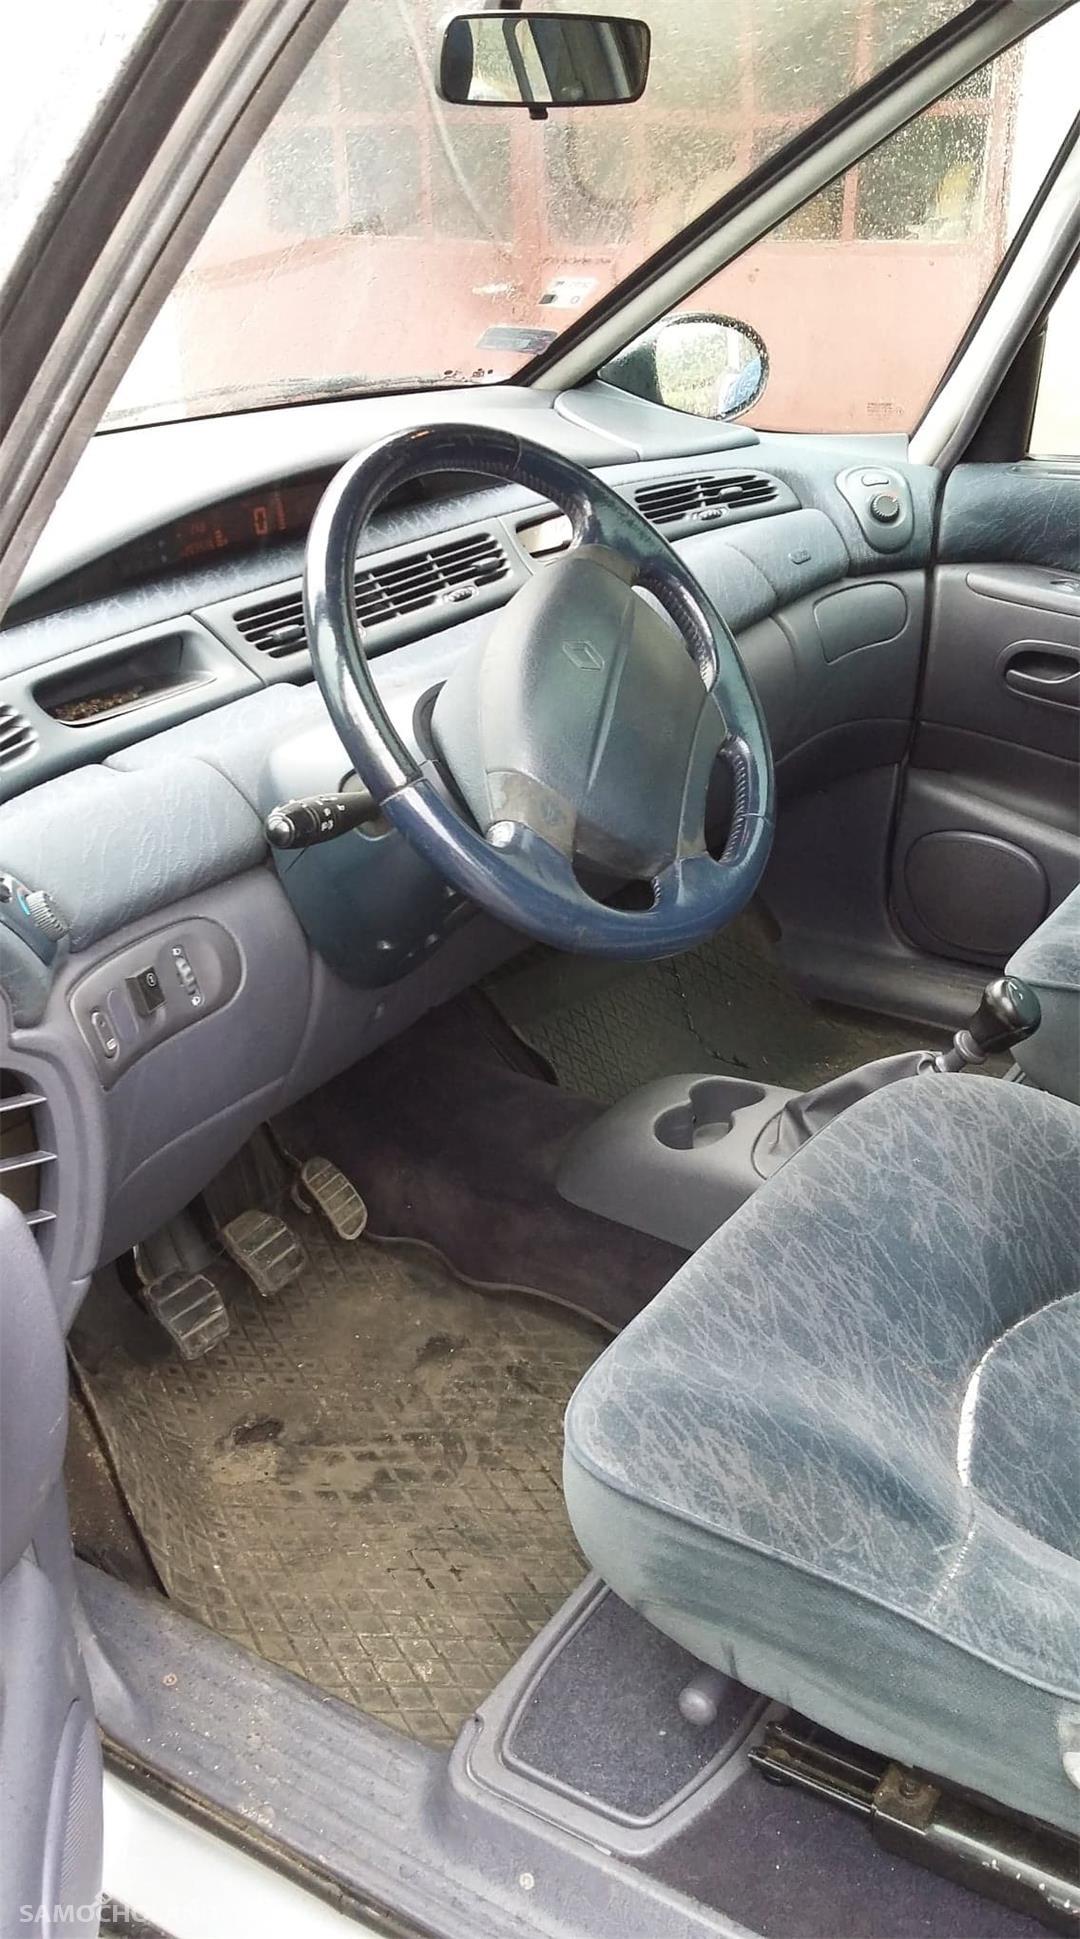 Renault Espace III (1997-2003) Sprzedam duży, przestronny samochód 7